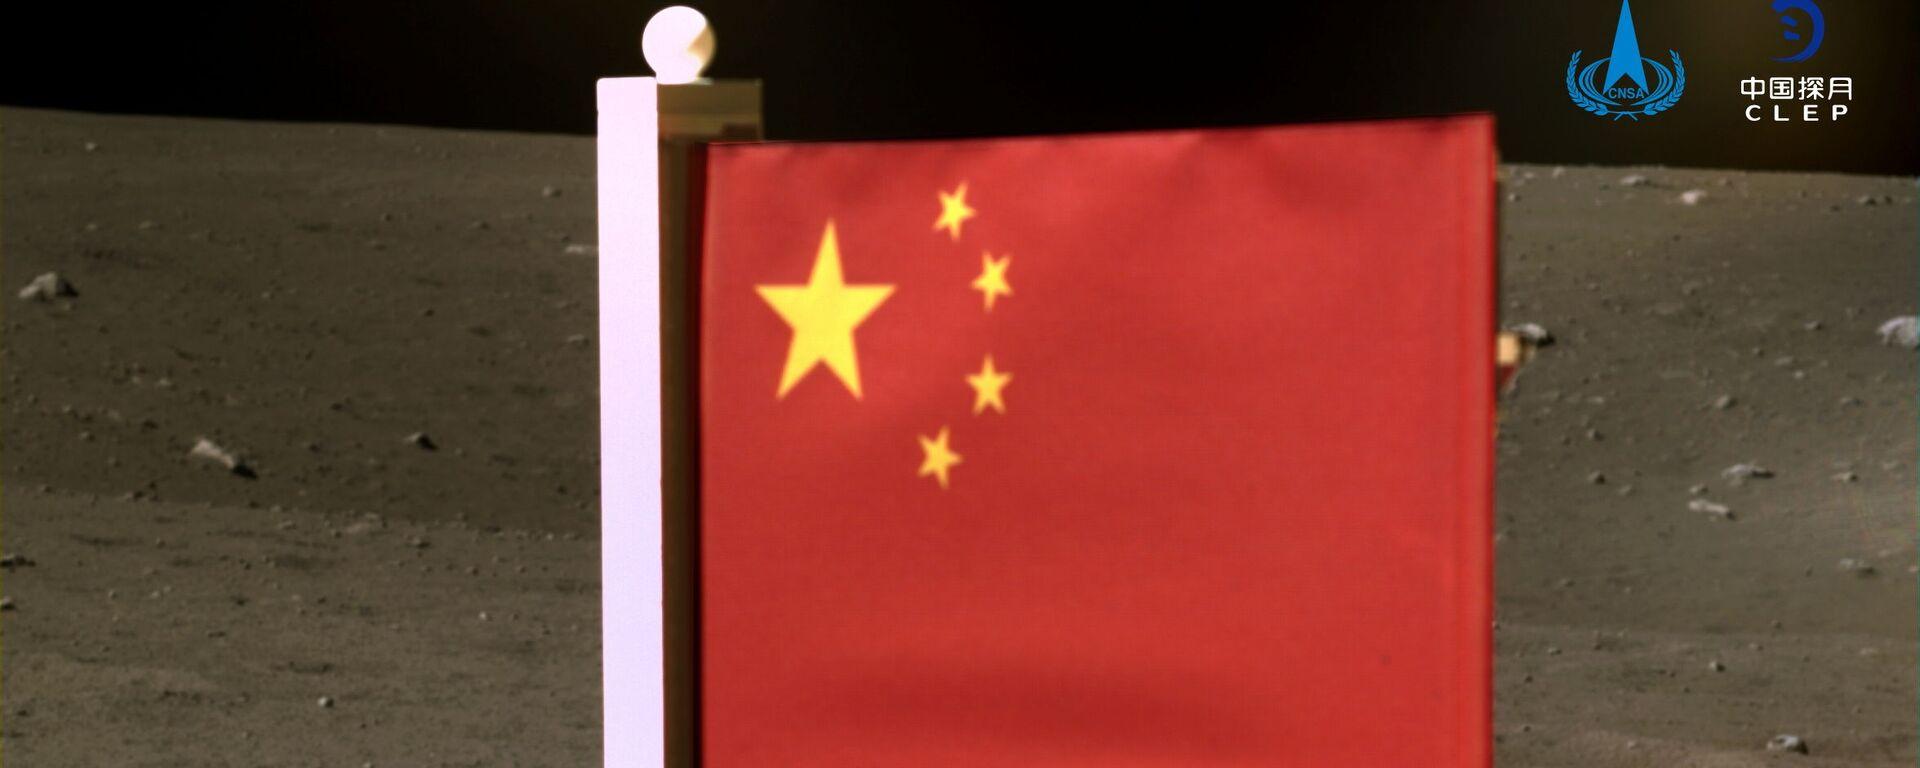 La bandiera nazionale della Cina sulla luna - Sputnik Italia, 1920, 12.12.2020